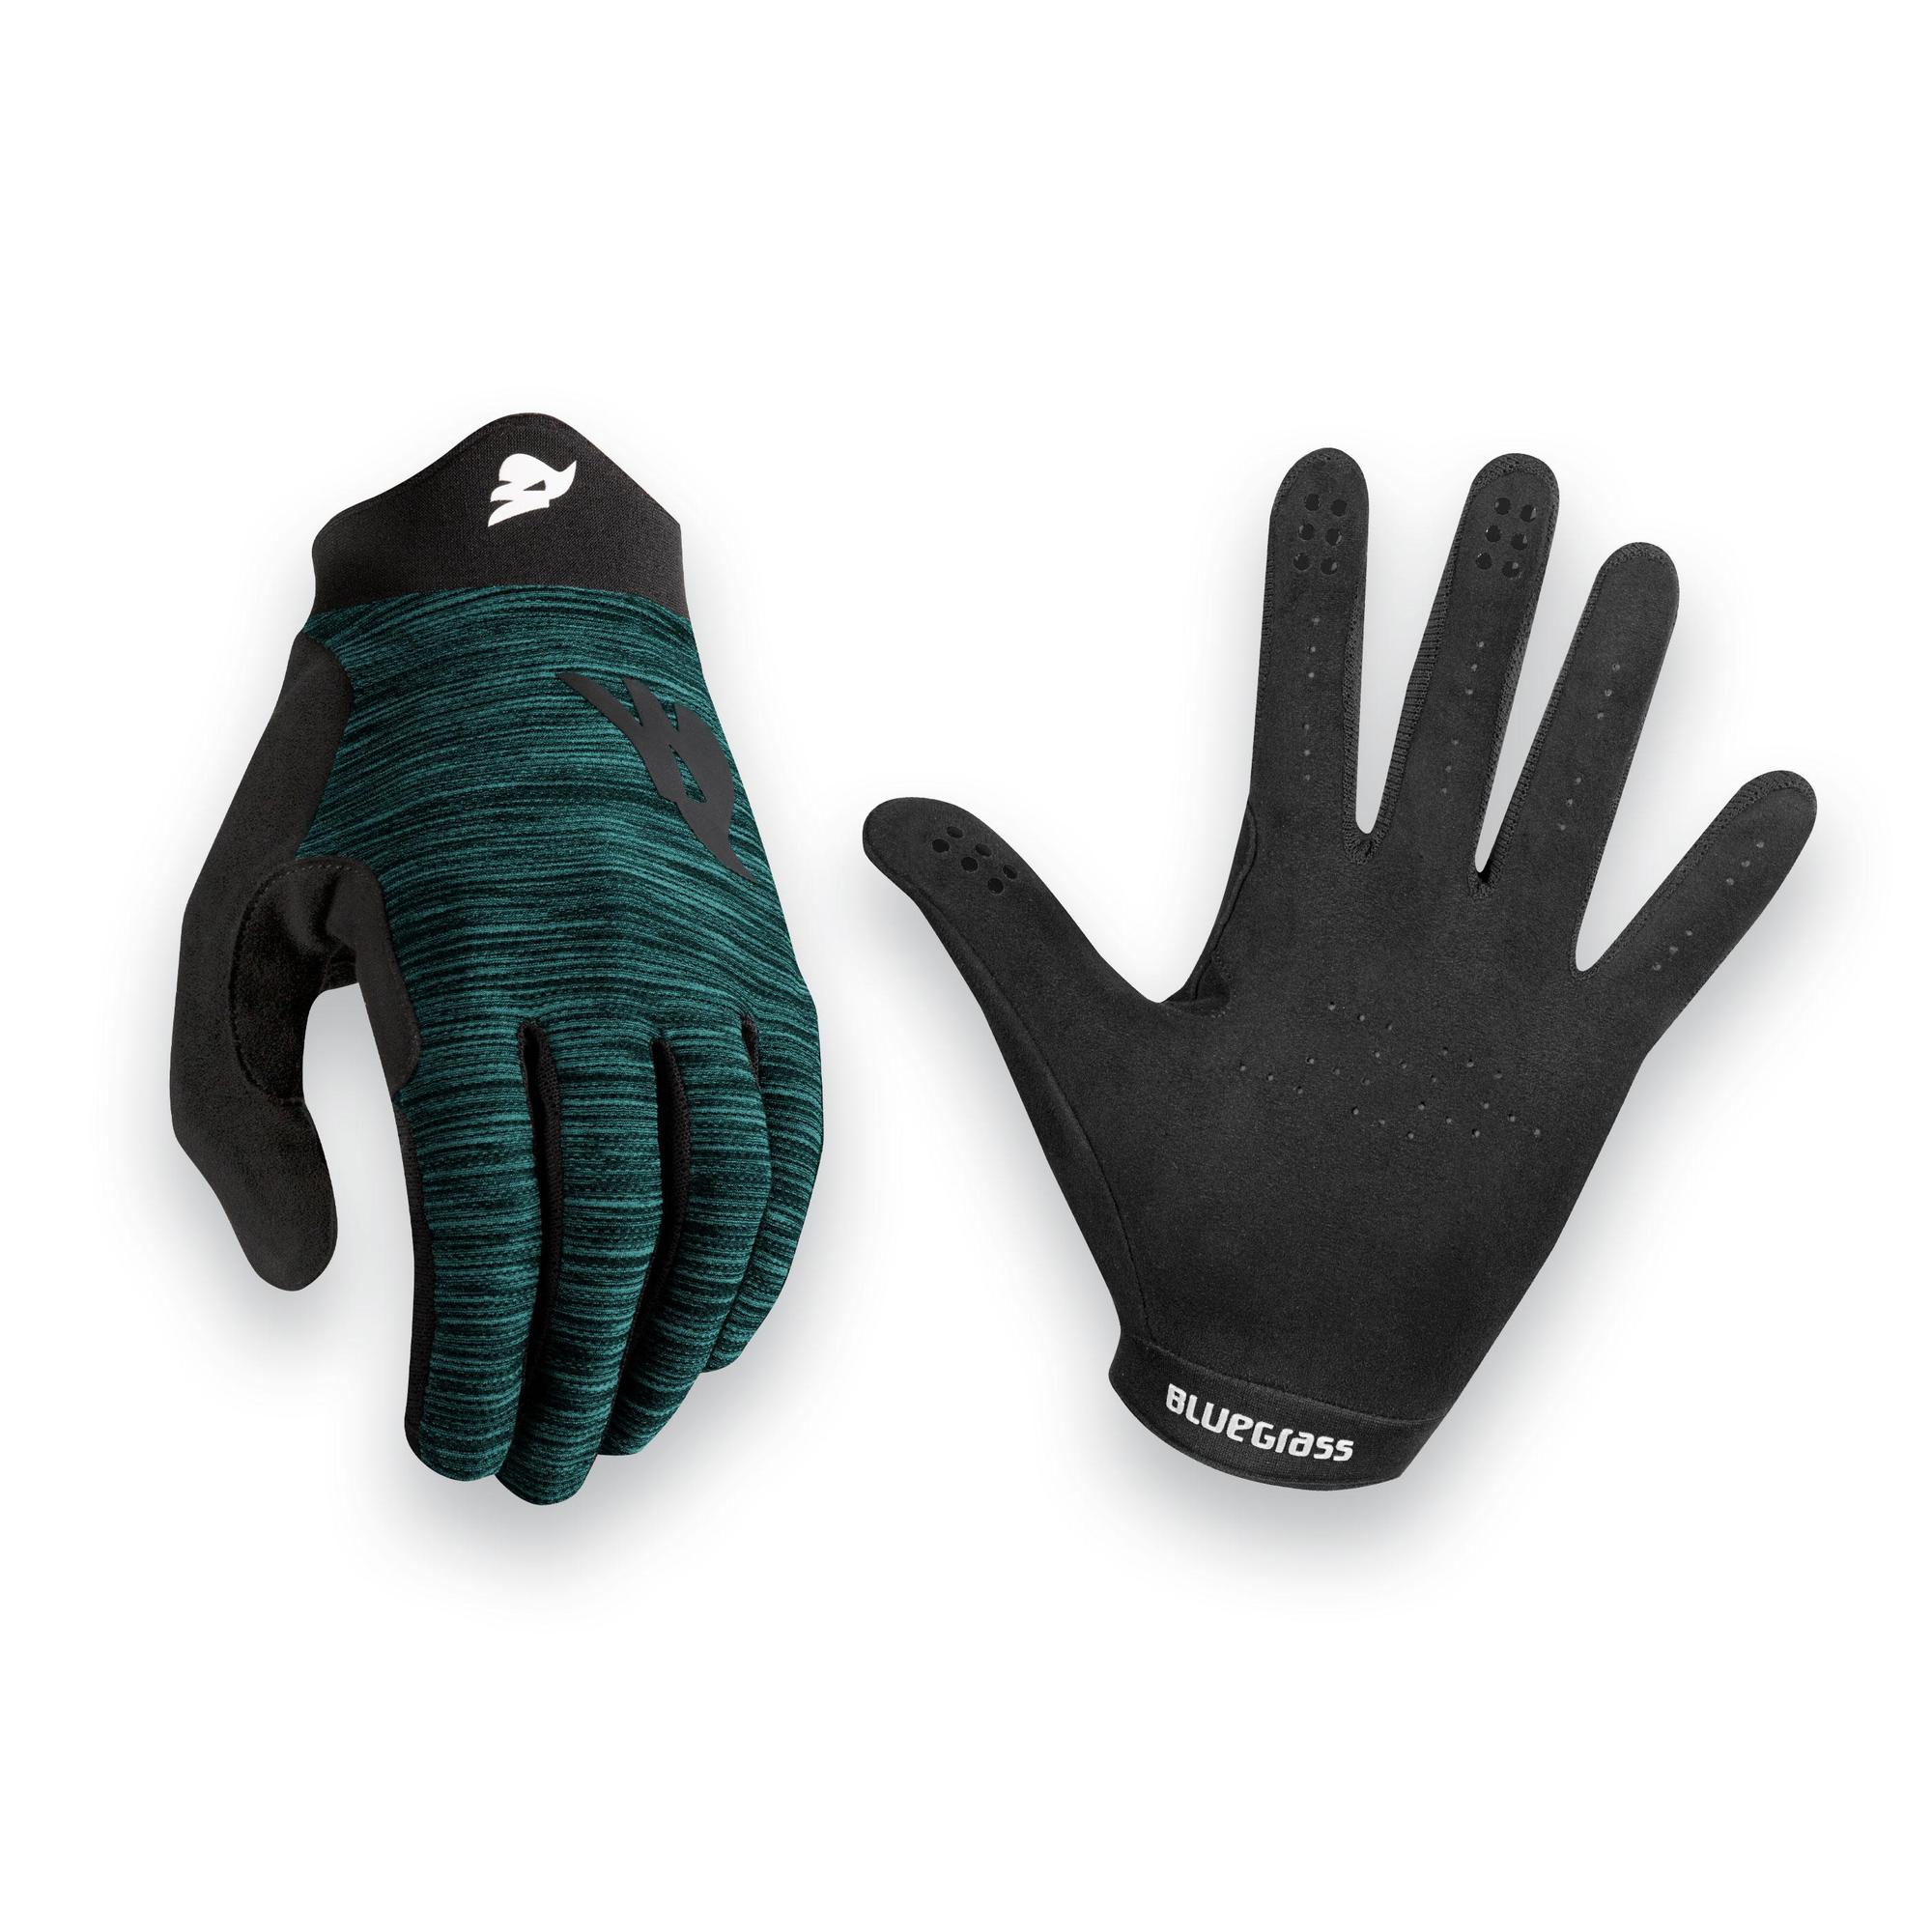 Bluegrass Union Handschuhe Green